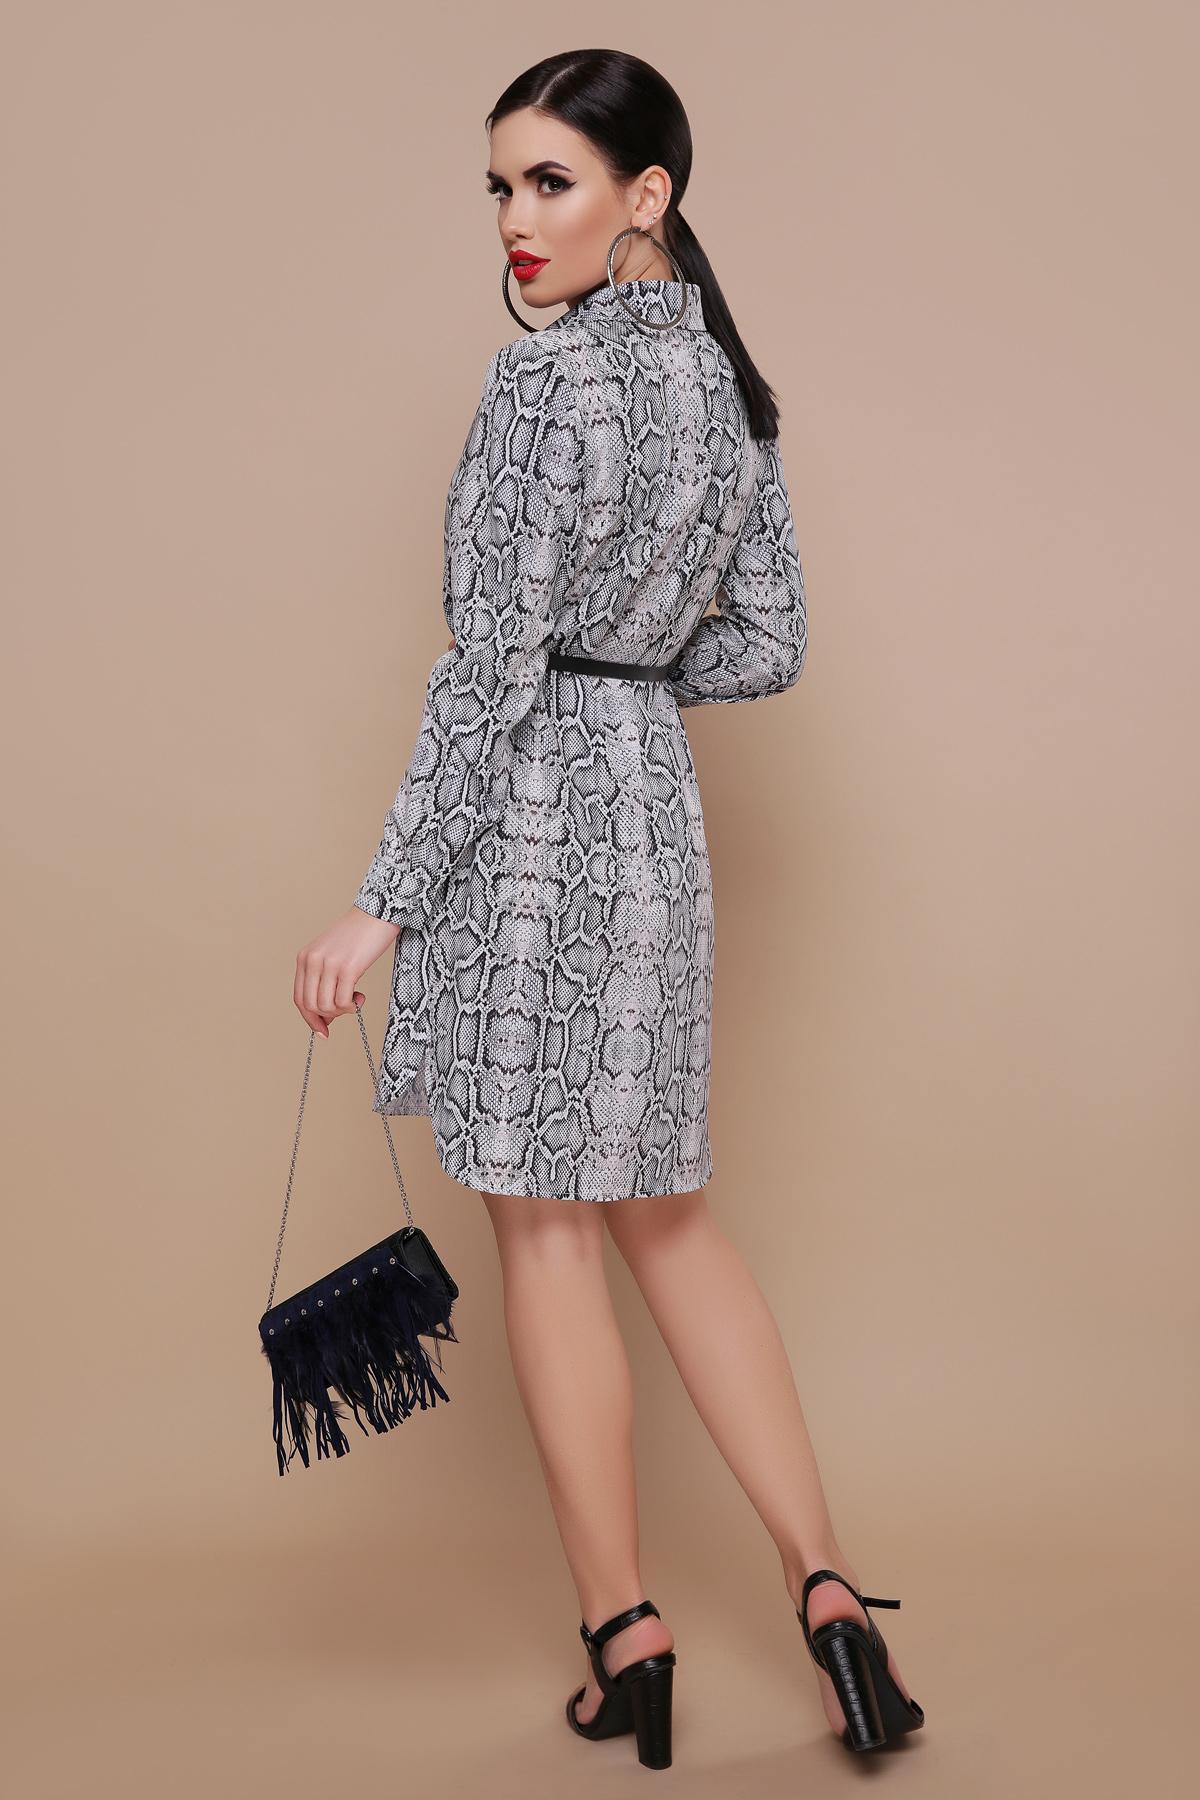 c56cfa0d5c5 платье-рубашка со змеиным принтом. Питон платье-рубашка Аврора П д р ...